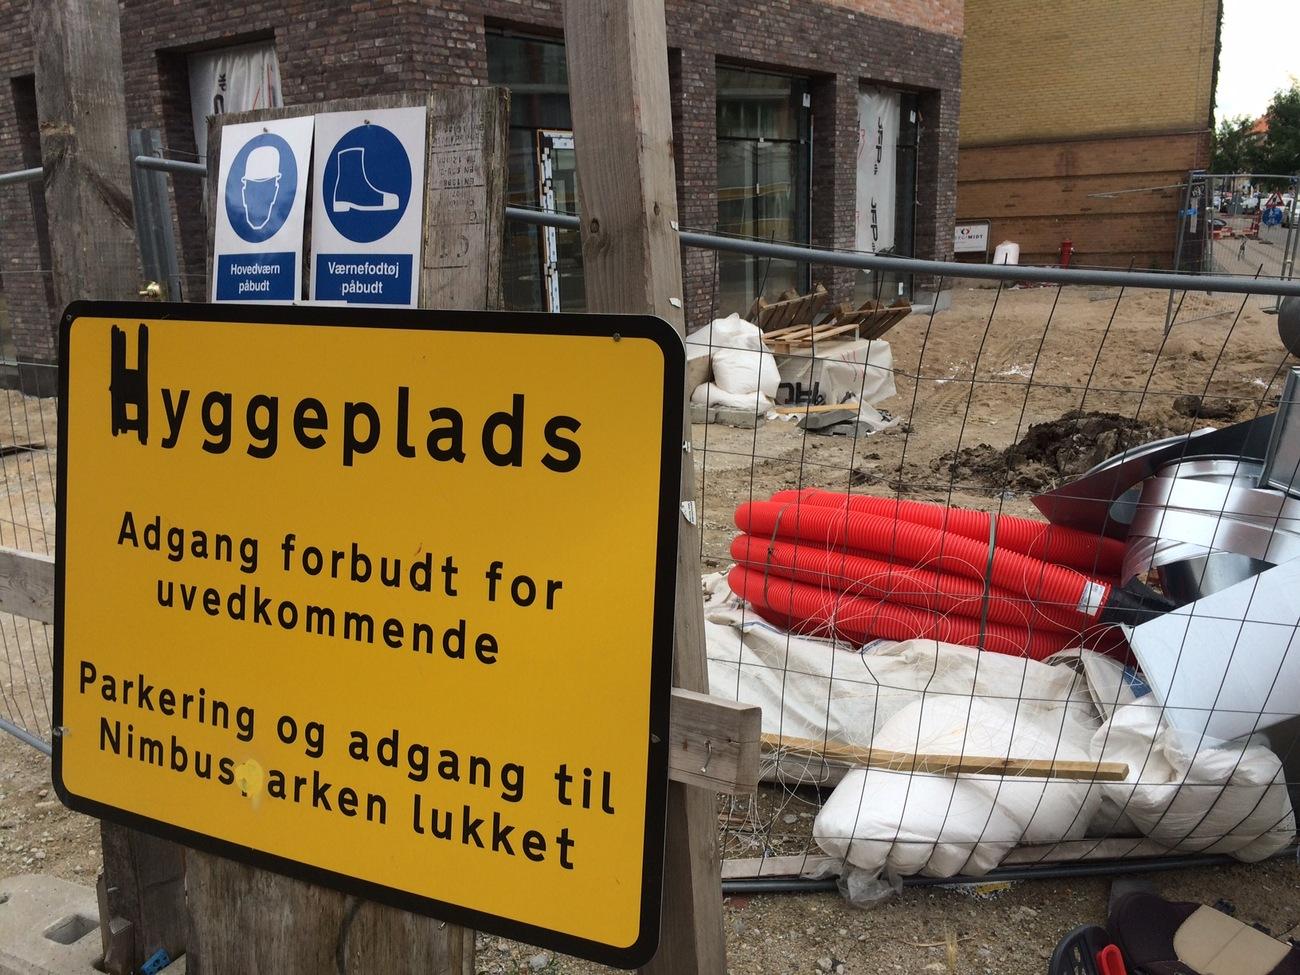 Hyggeplads